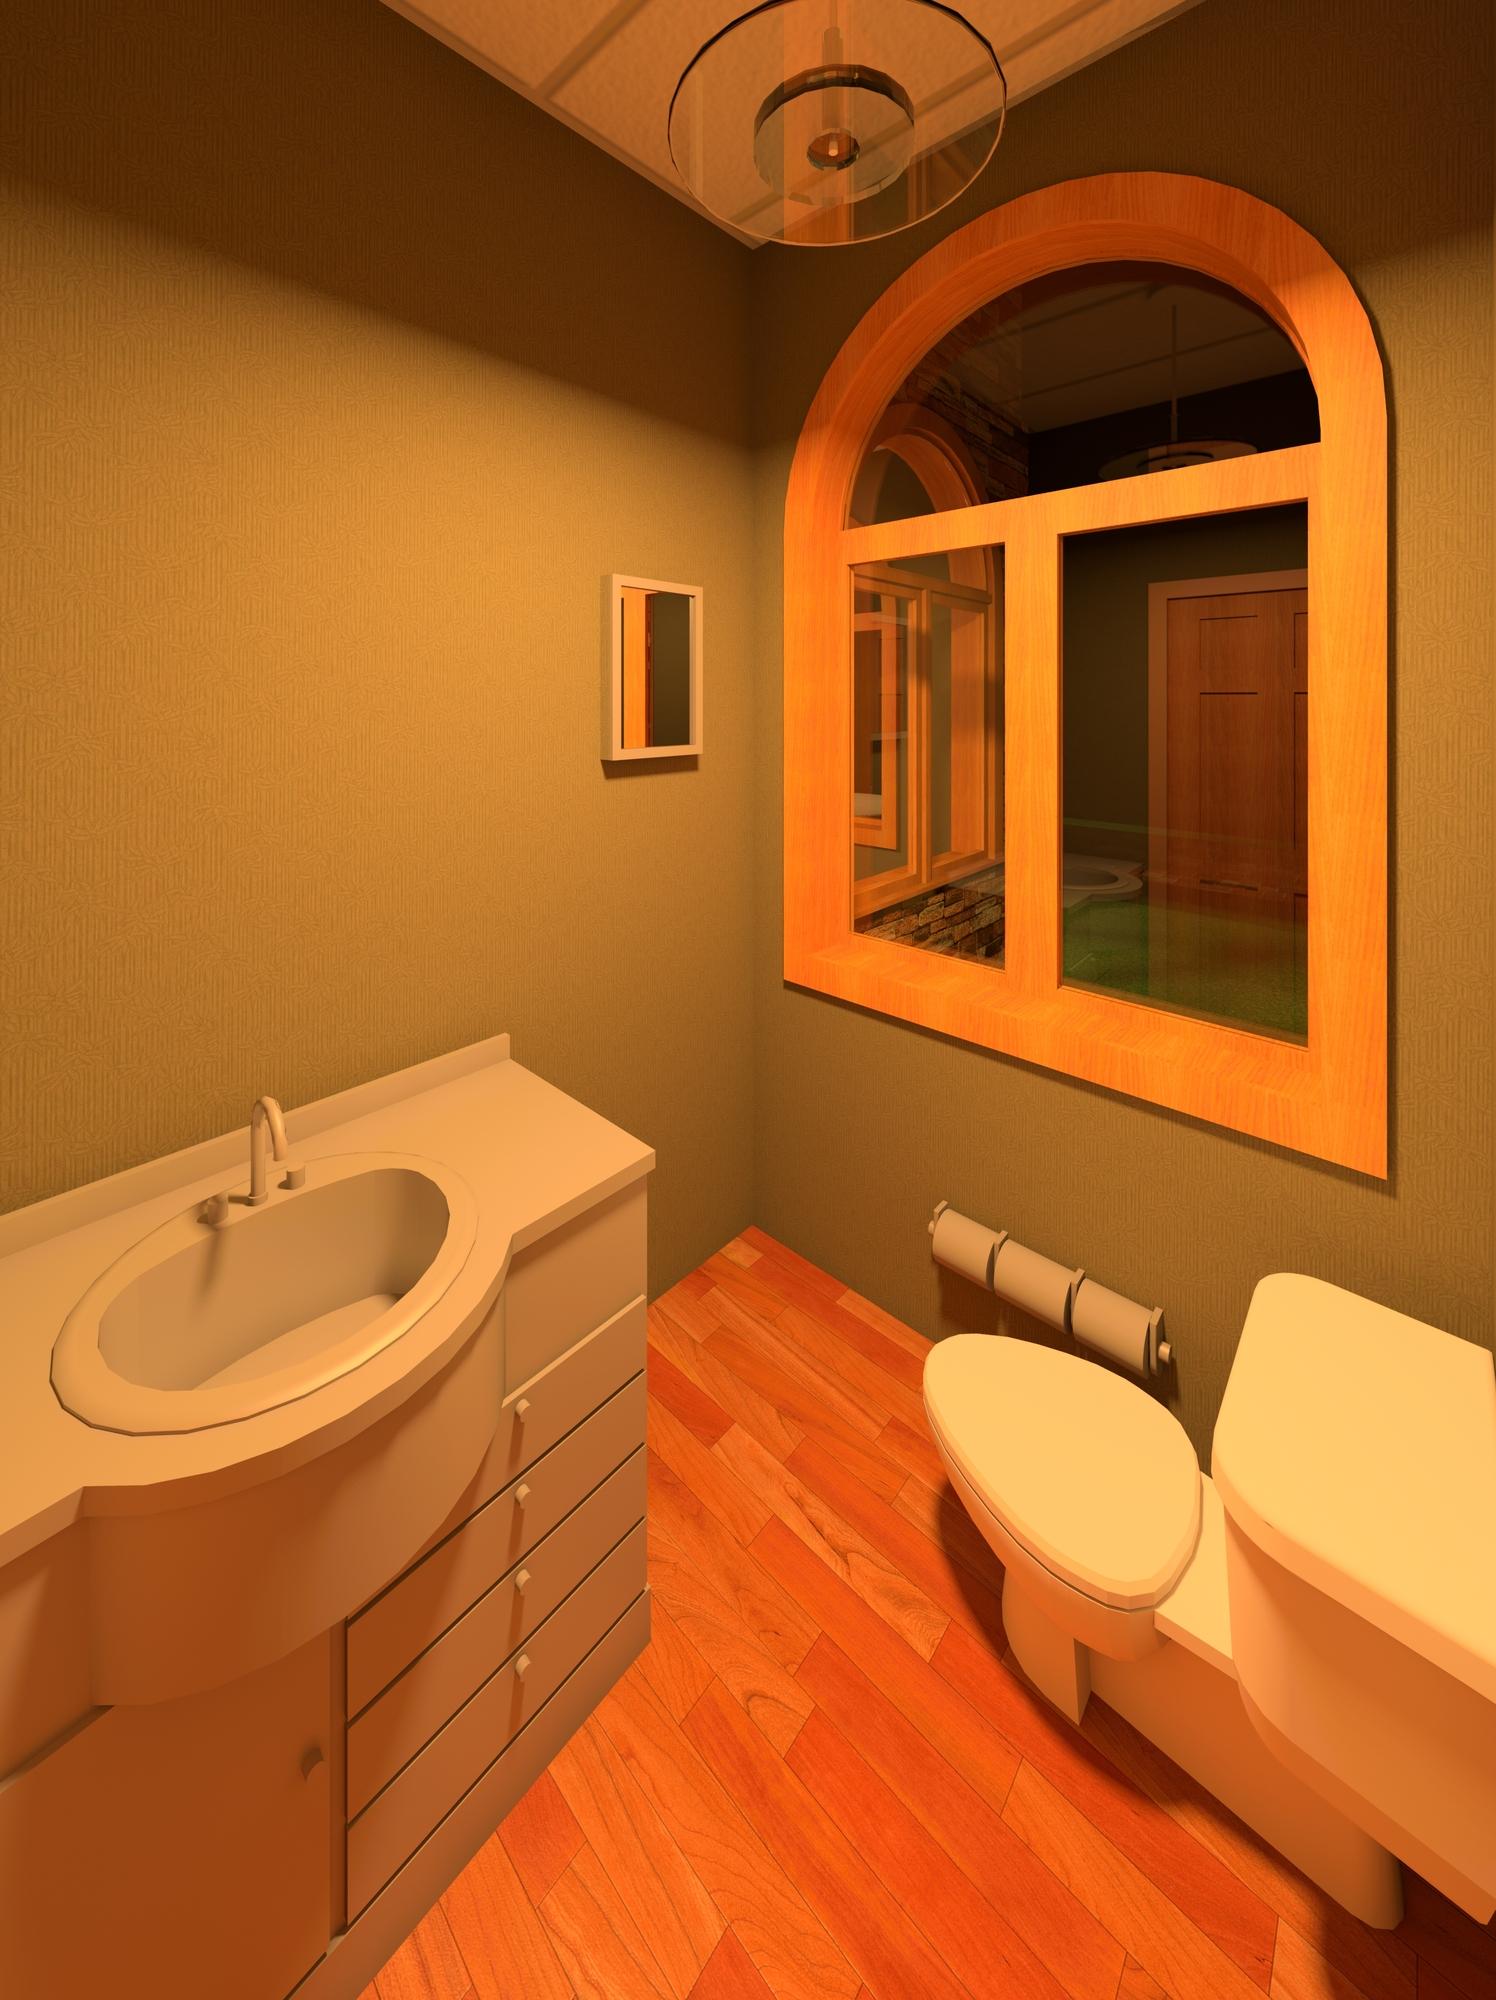 Raas-rendering20140930-5011-ky4slr